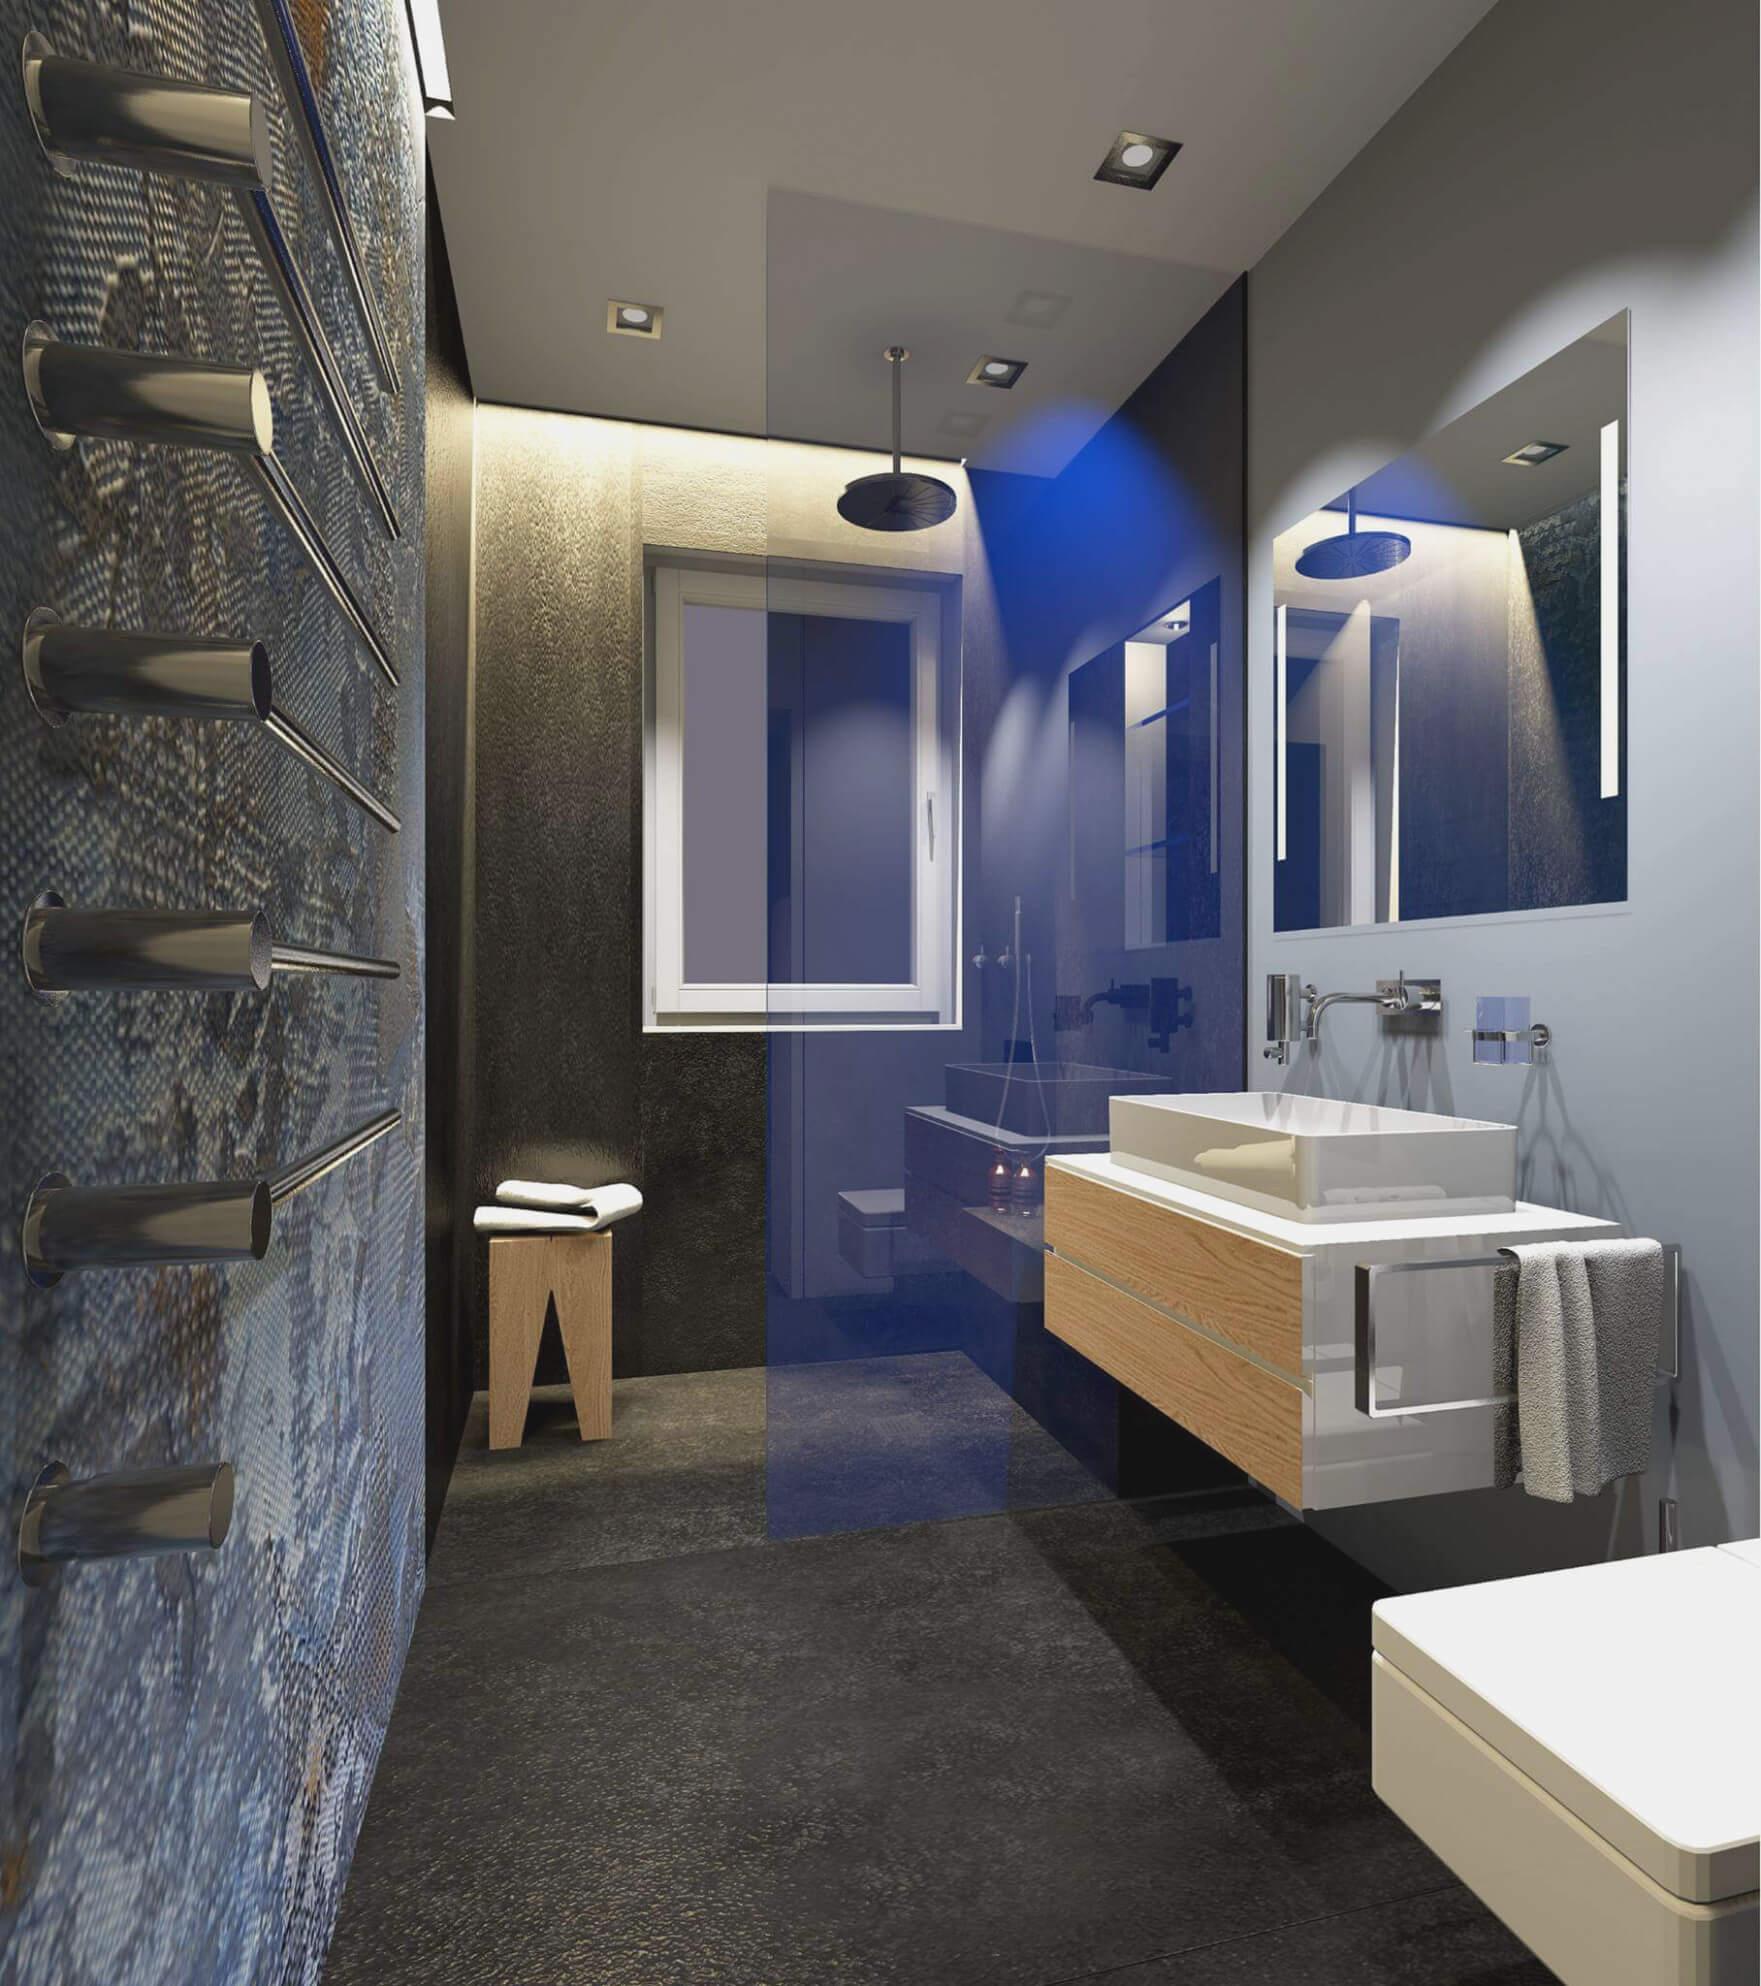 Der Boden und die Wand bilden eine optische Einheit, die den Raum erfasst unda damit das Badezimmer vergrößert